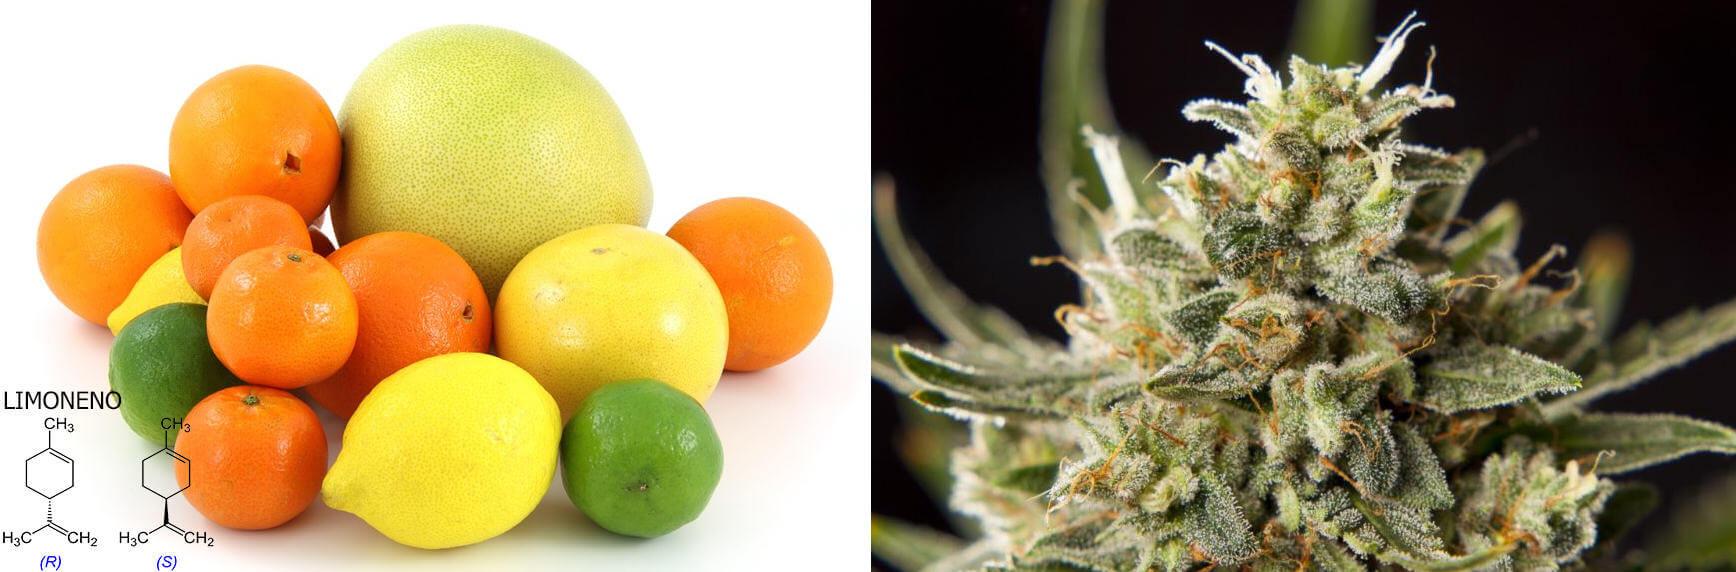 Muchas variedades de marihuana contienen limoneno